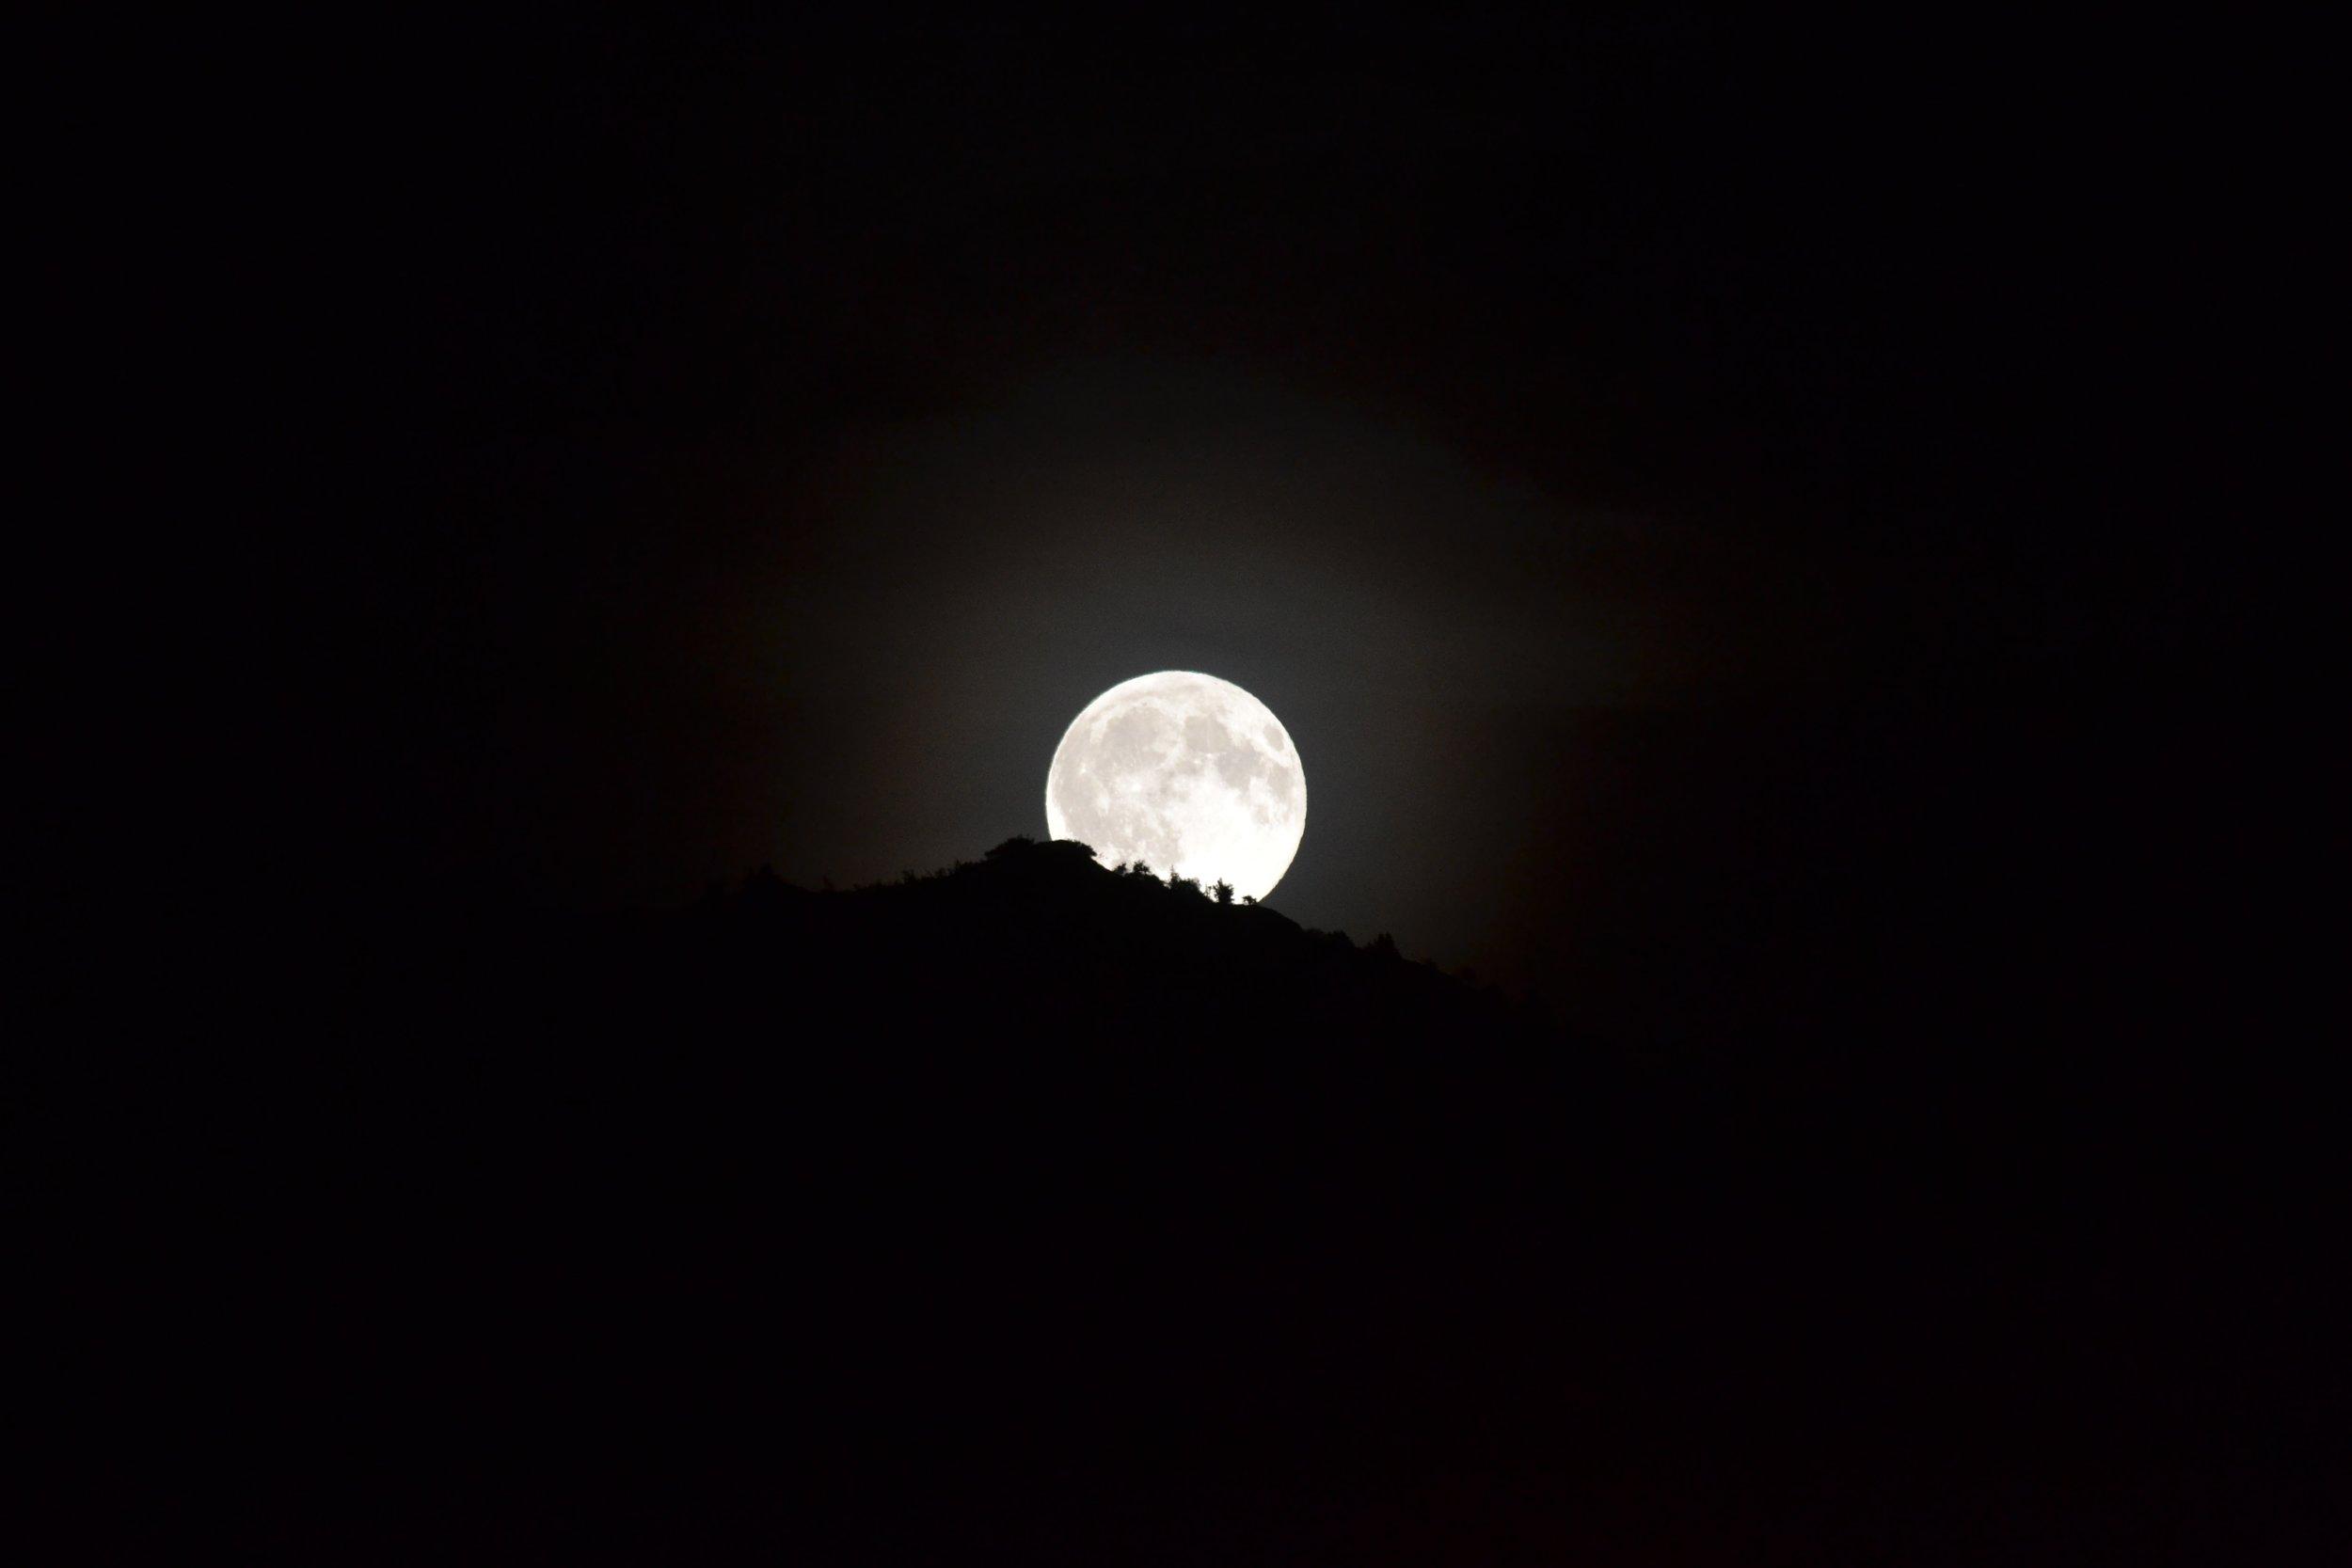 full-moon-scorpio-rising-woman-virginia-rosenberg.jpg